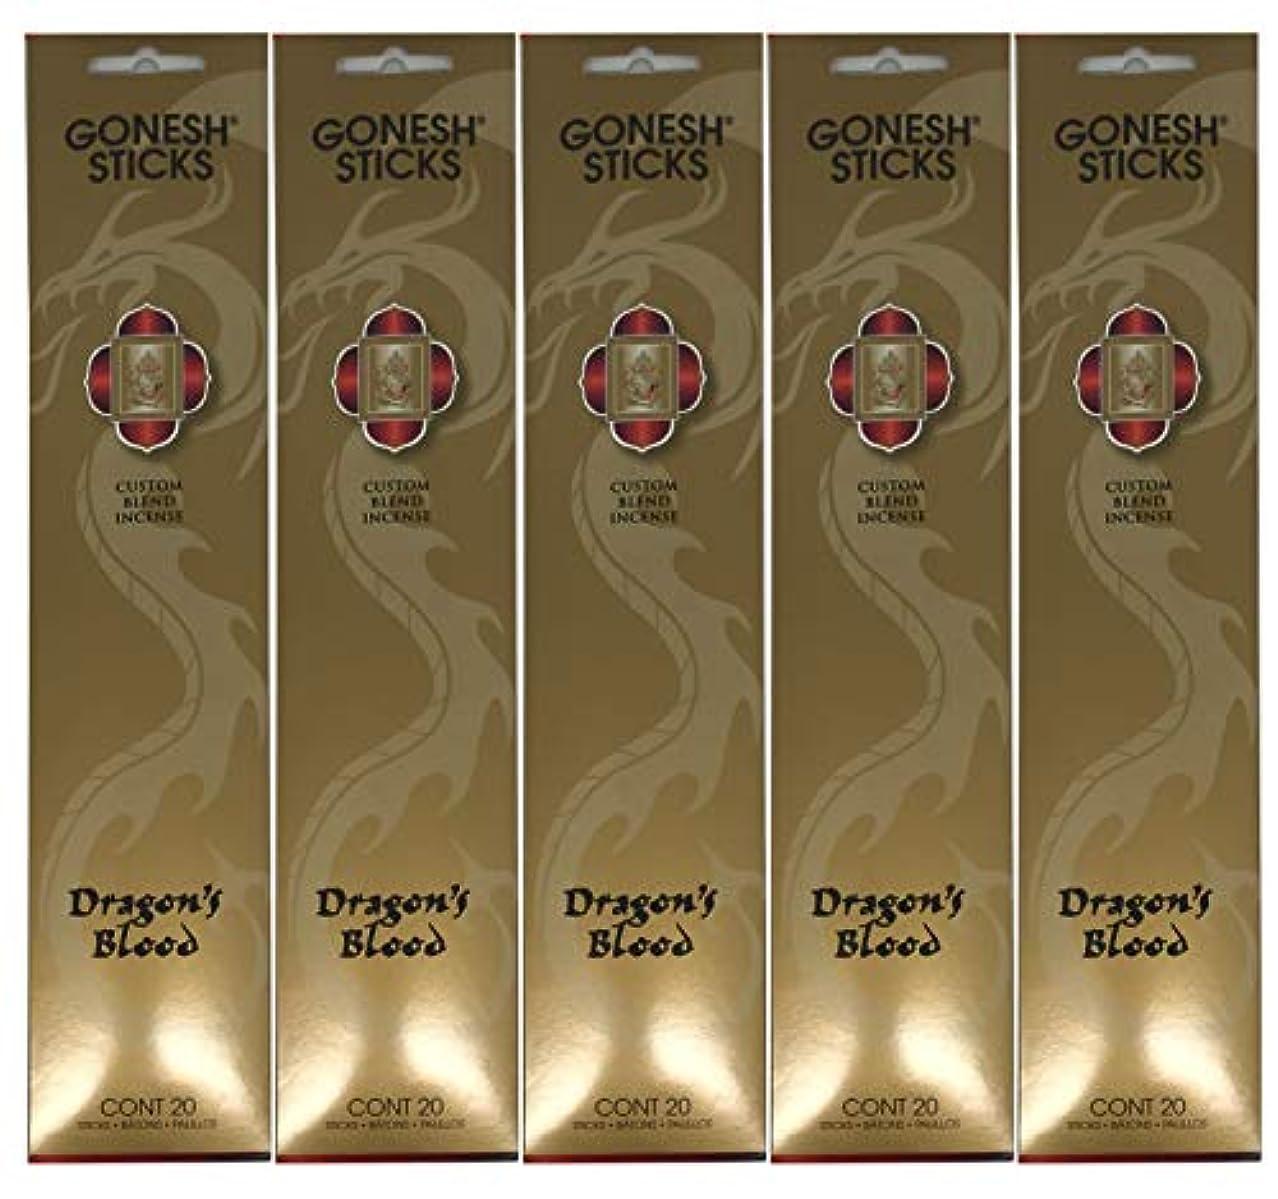 覆すダーベビルのテス音楽Gonesh カスタムブレンドインセンススティック - Dragon's Blood - 5パック (合計100本)